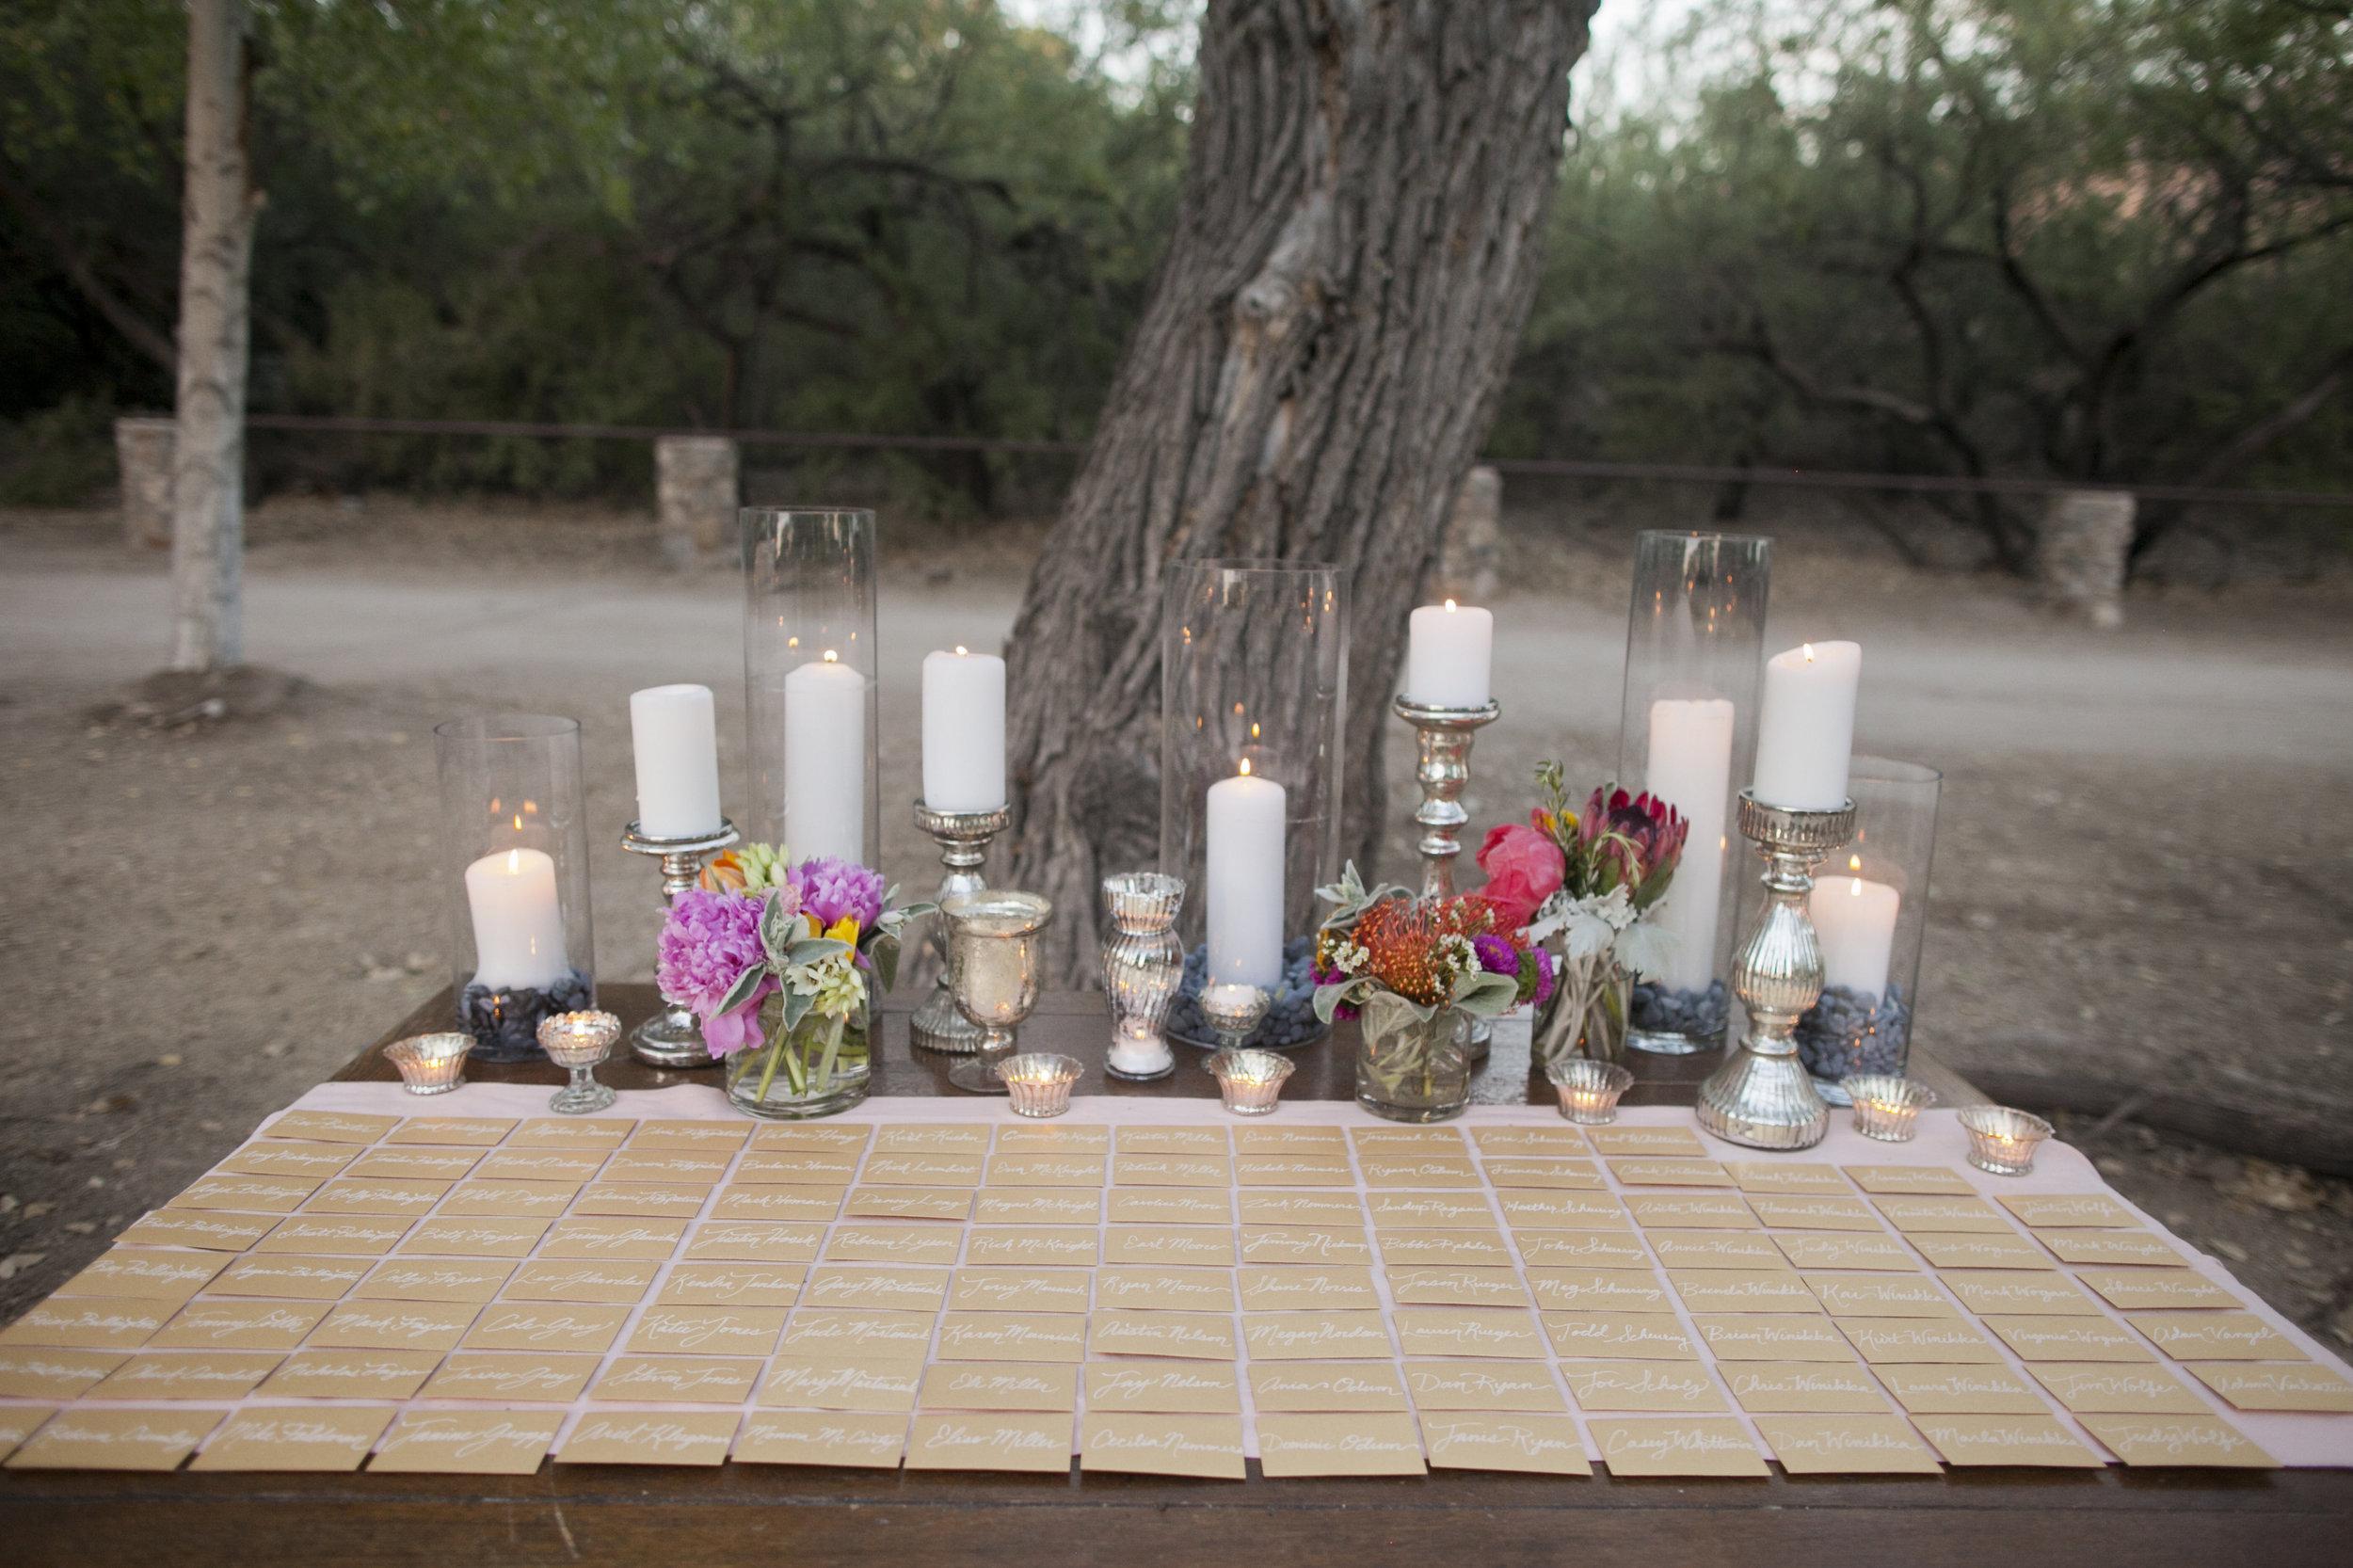 Ceci_New_York_Ceci_Style_Ceci_Johnson_Luxury_Lifestyle_Arizona_Wedding_Watercolor_Inspiration_Design_Custom_Couture_Personalized_Invitations_156.jpg